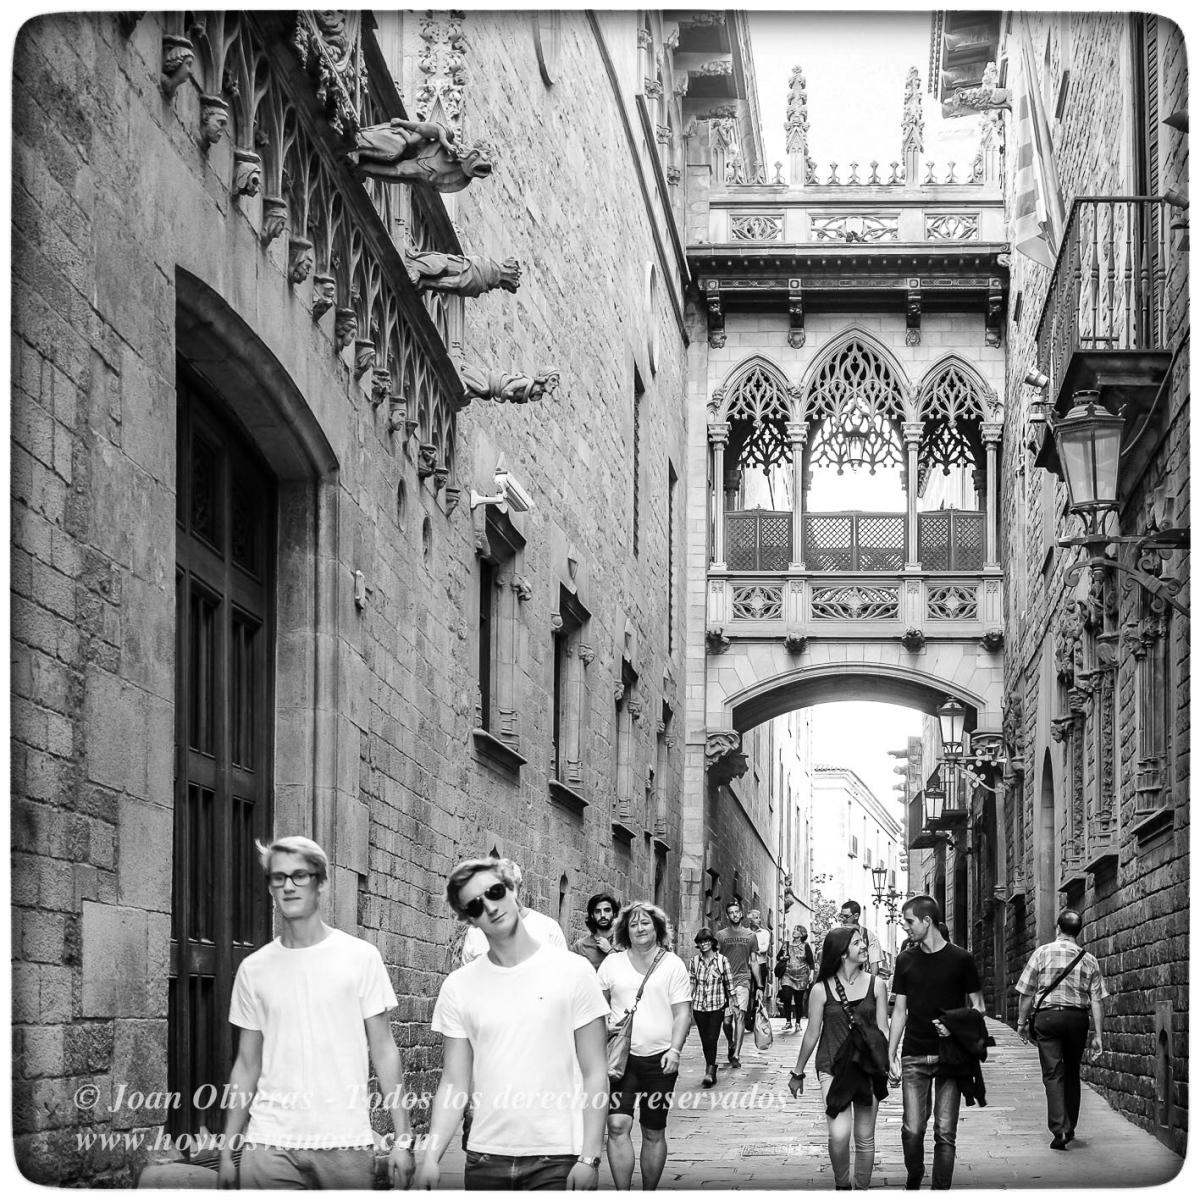 El puente de la calle del obispo